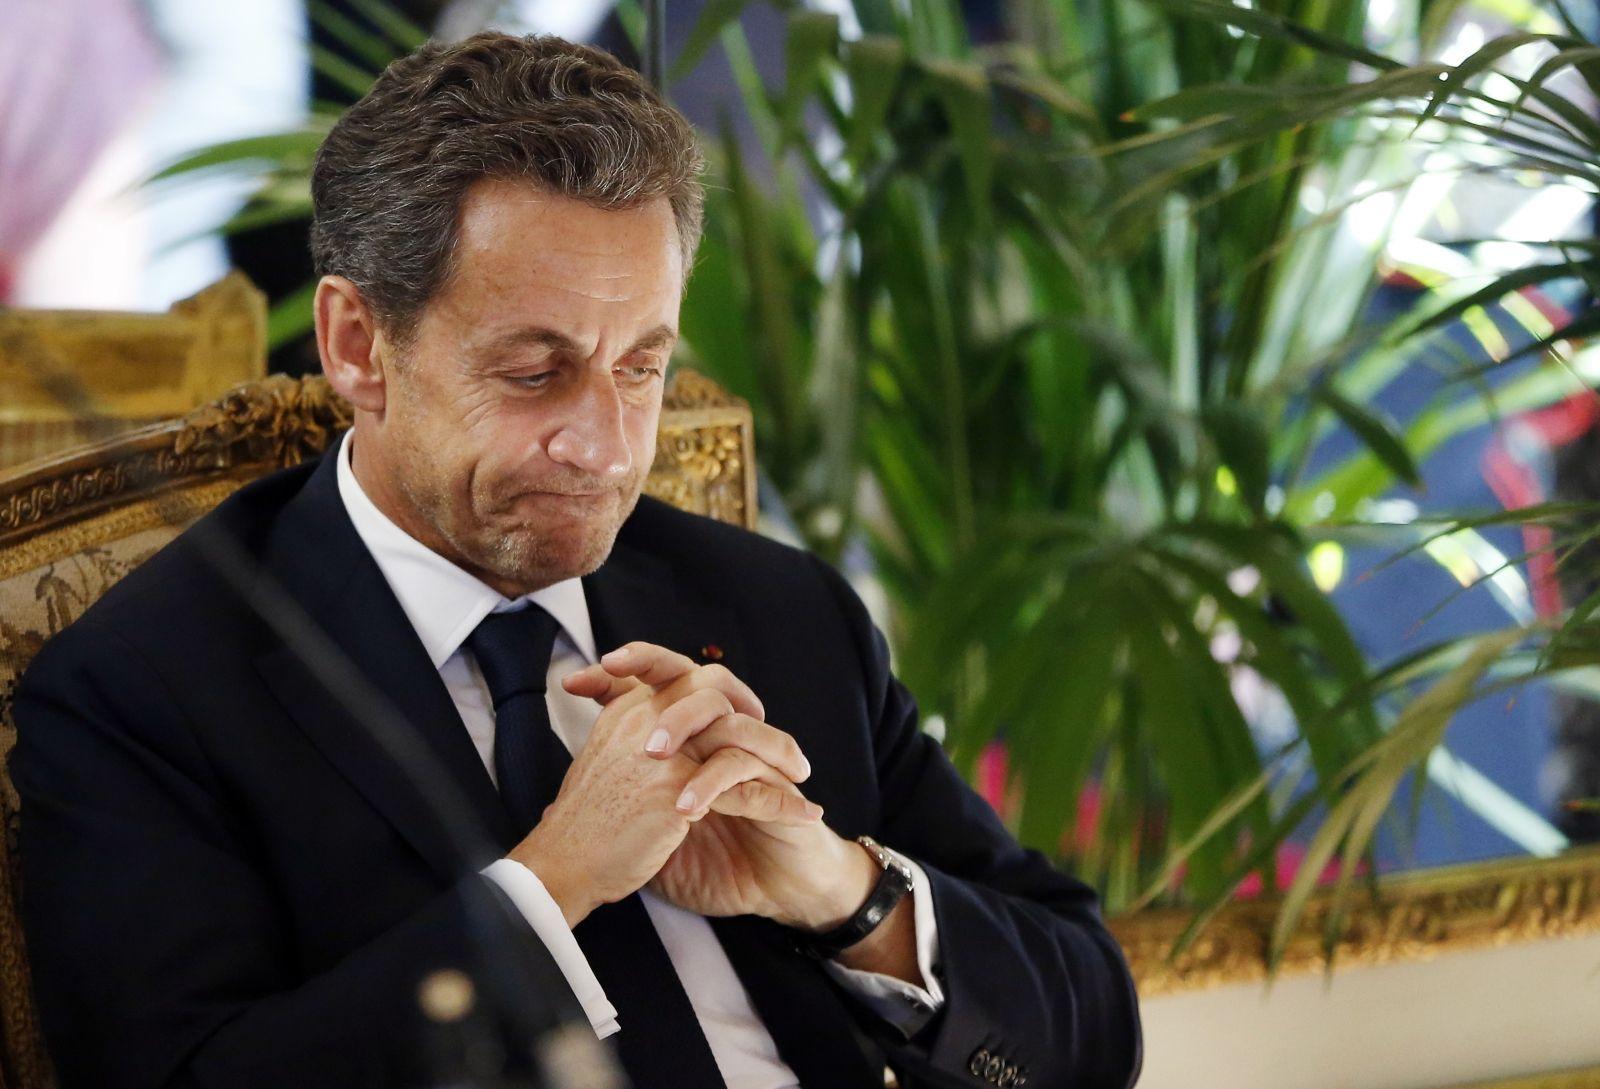 Sarkozy in scandal